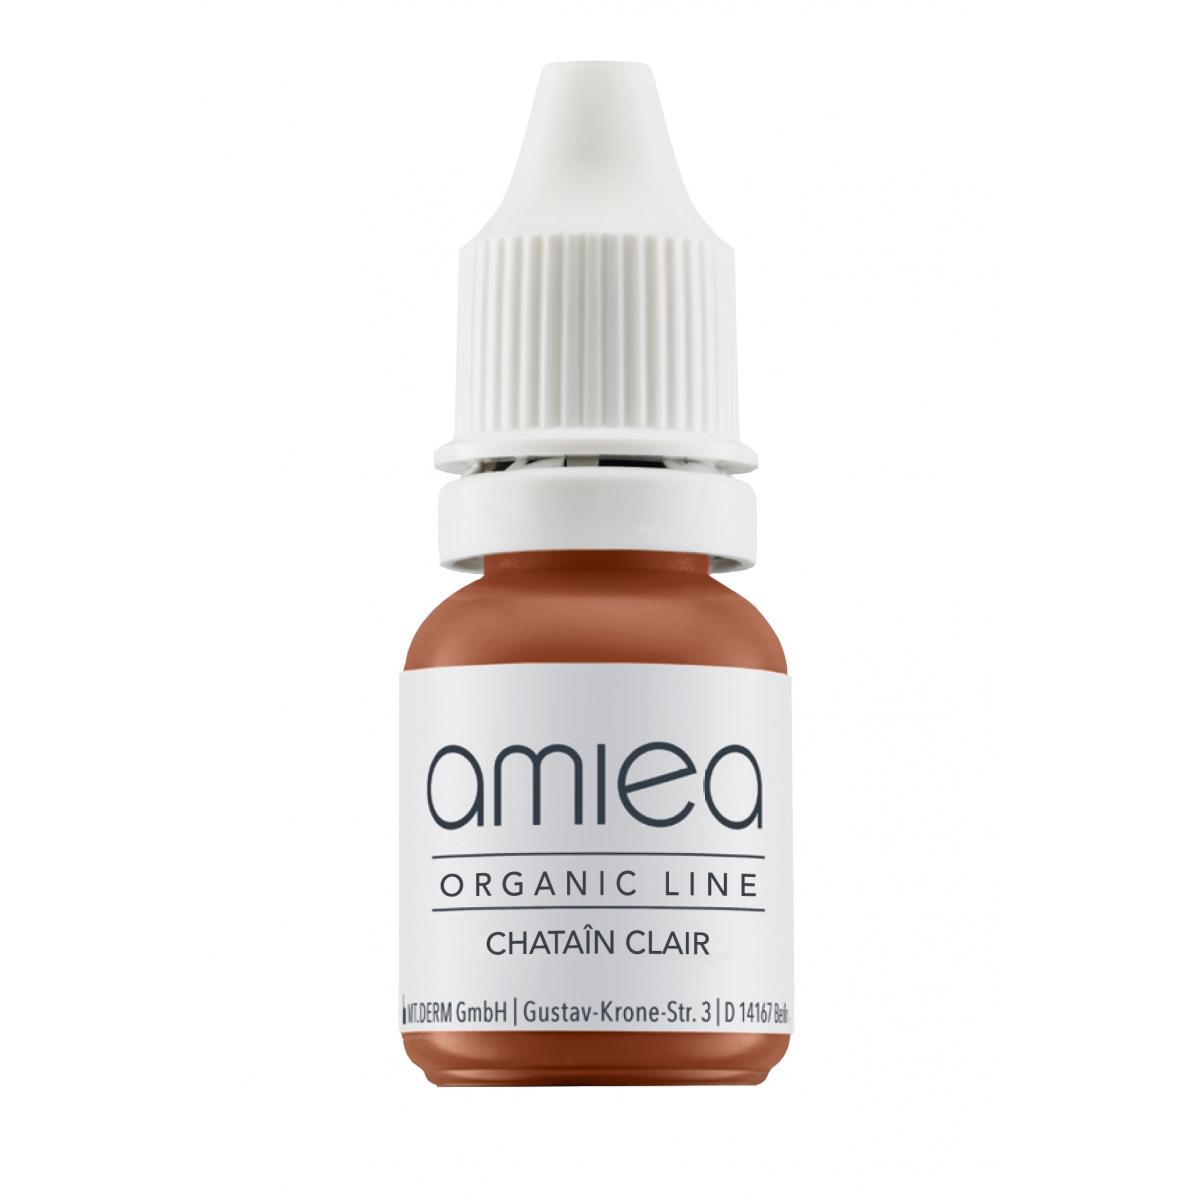 Organicline (5 ml)  - PIGMENTS AMIEA ORGANICLINE CHATAIN CLAIR, Flacon 5 ml